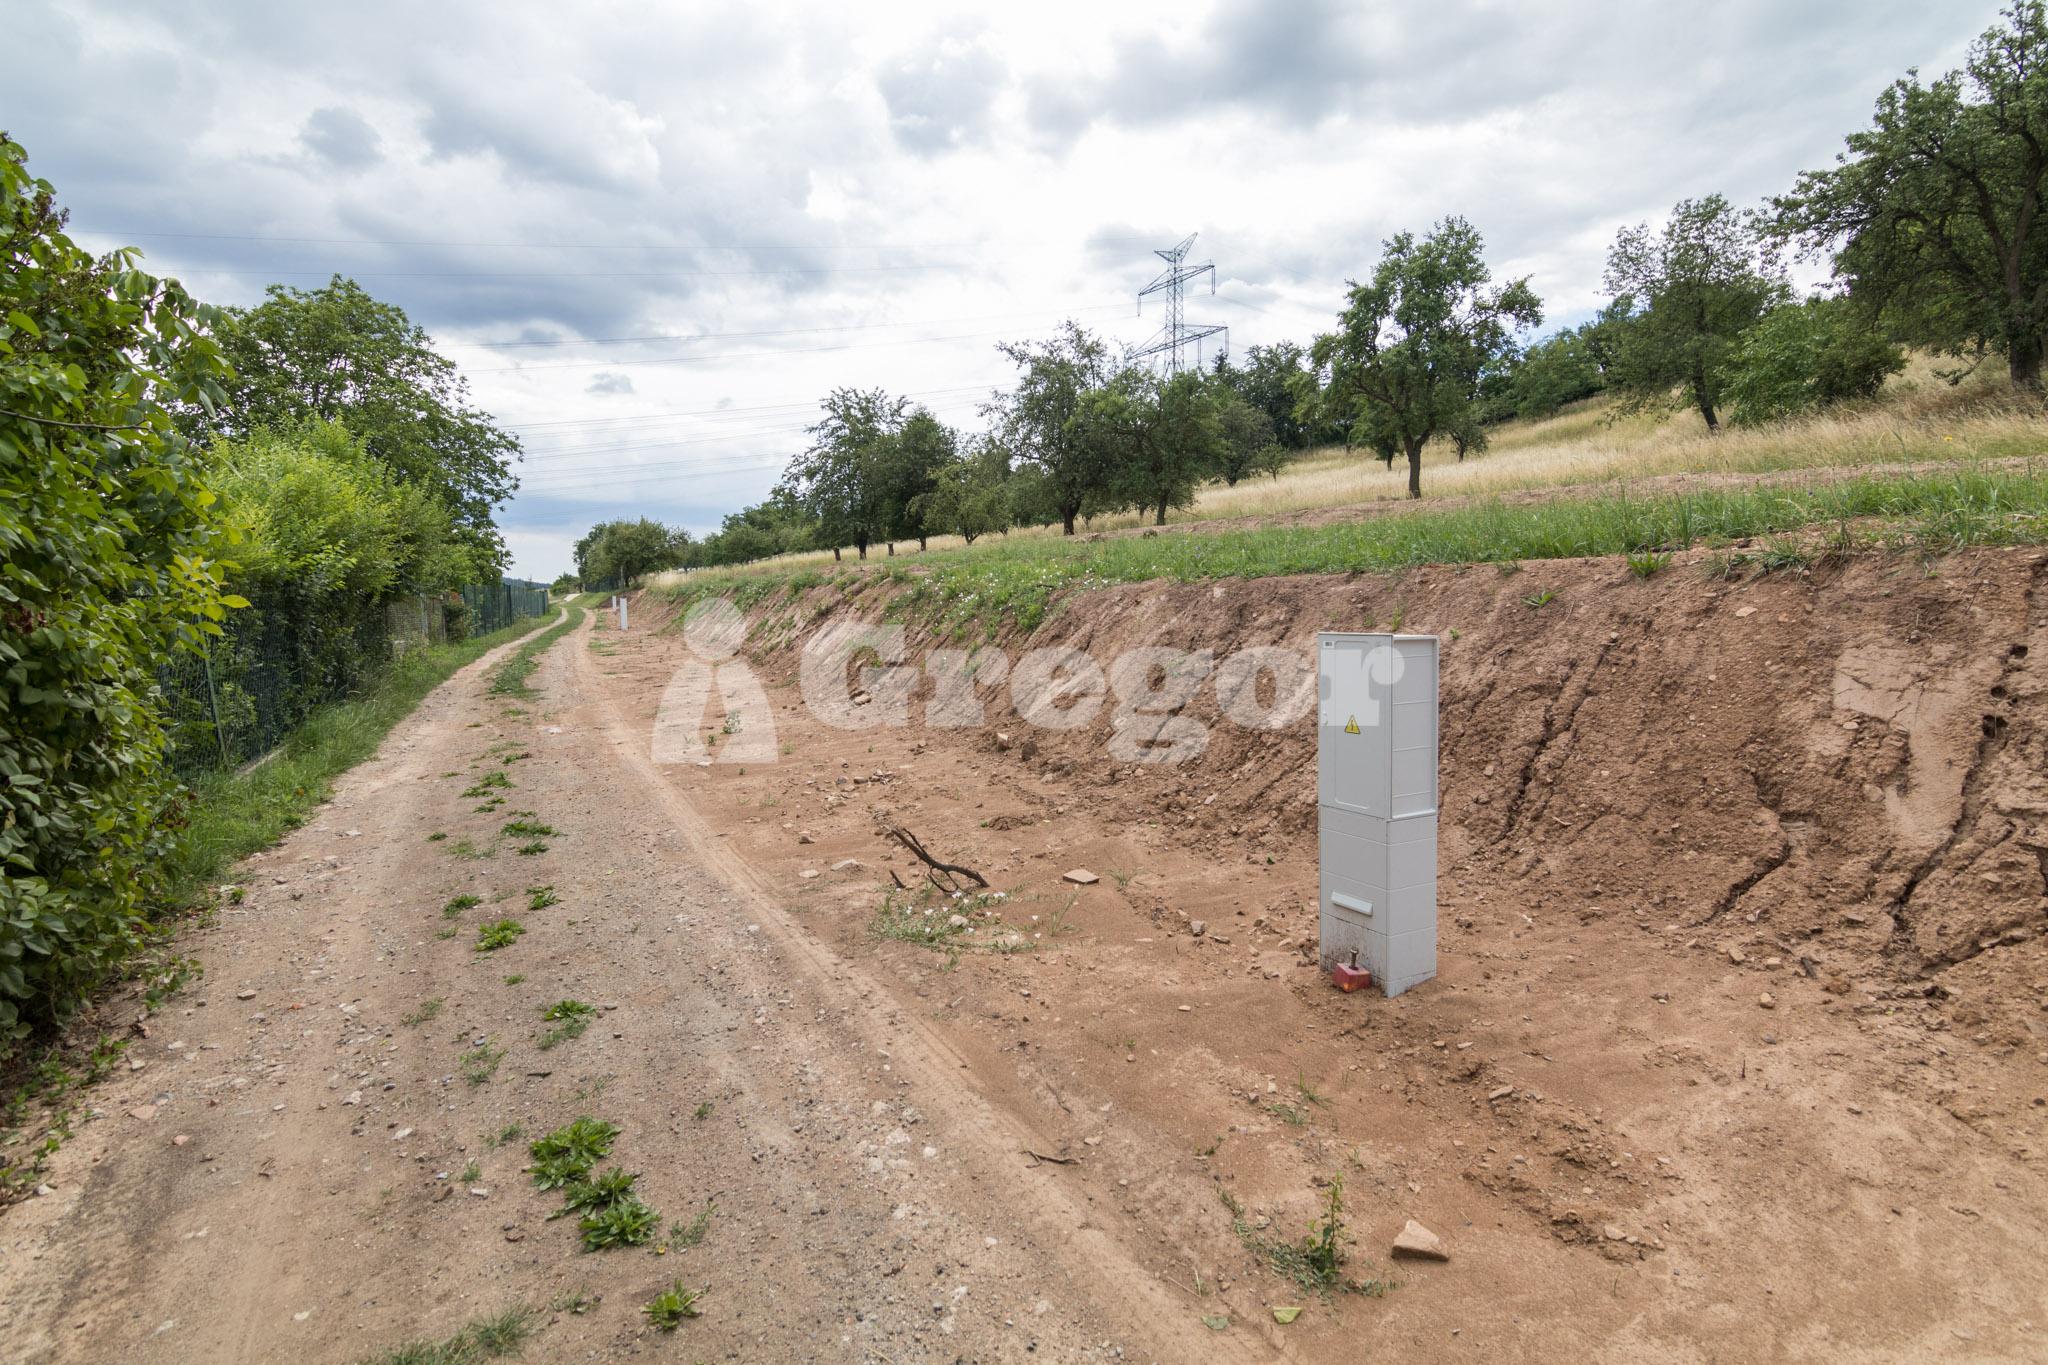 Pozemky Sentice (1 of 9)